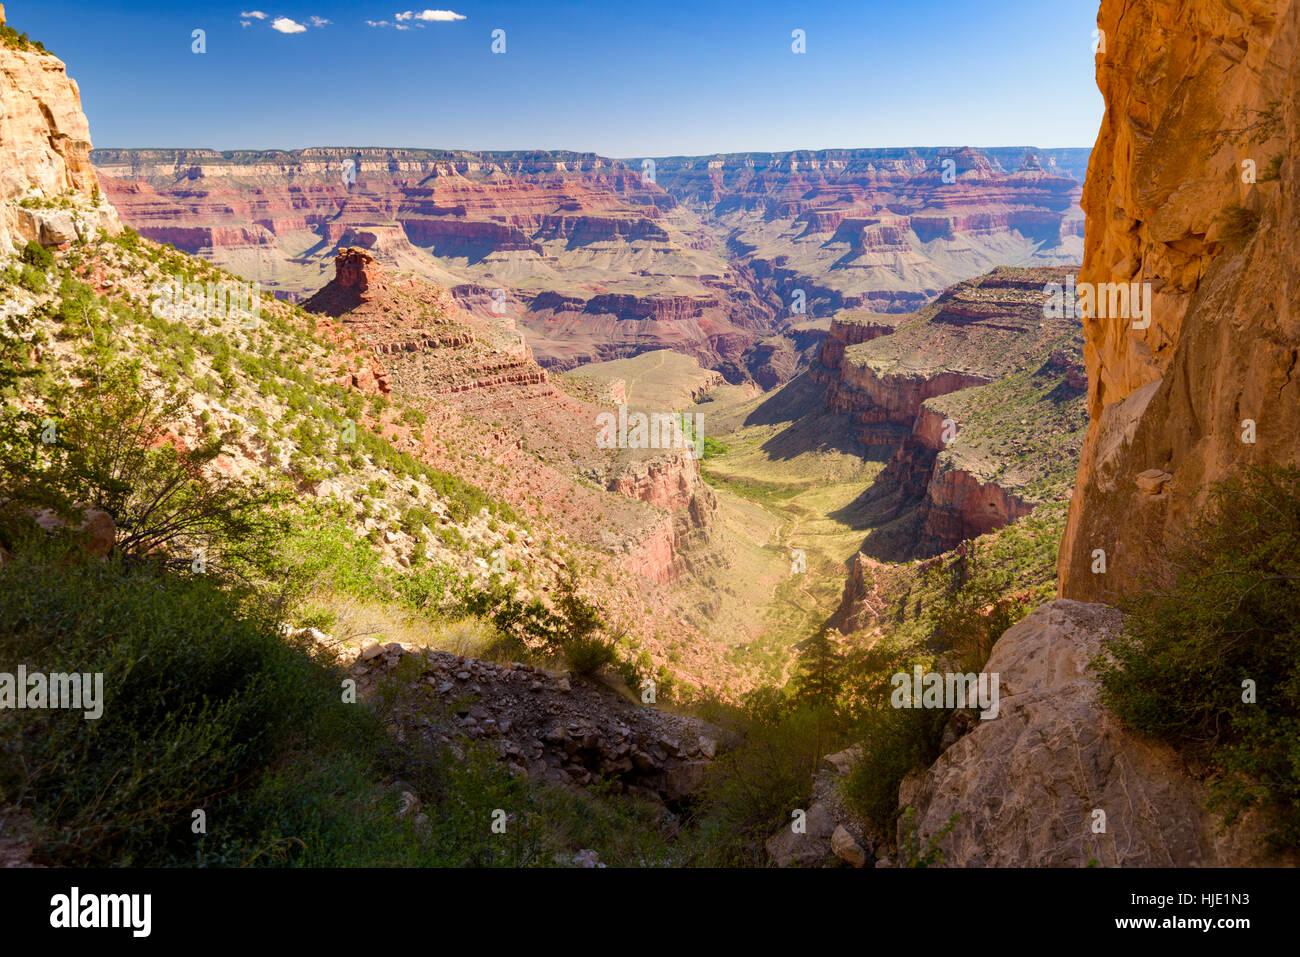 Vista dal Bright Angel Trail, il Parco Nazionale del Grand Canyon, Arizona, Stati Uniti d'America Immagini Stock